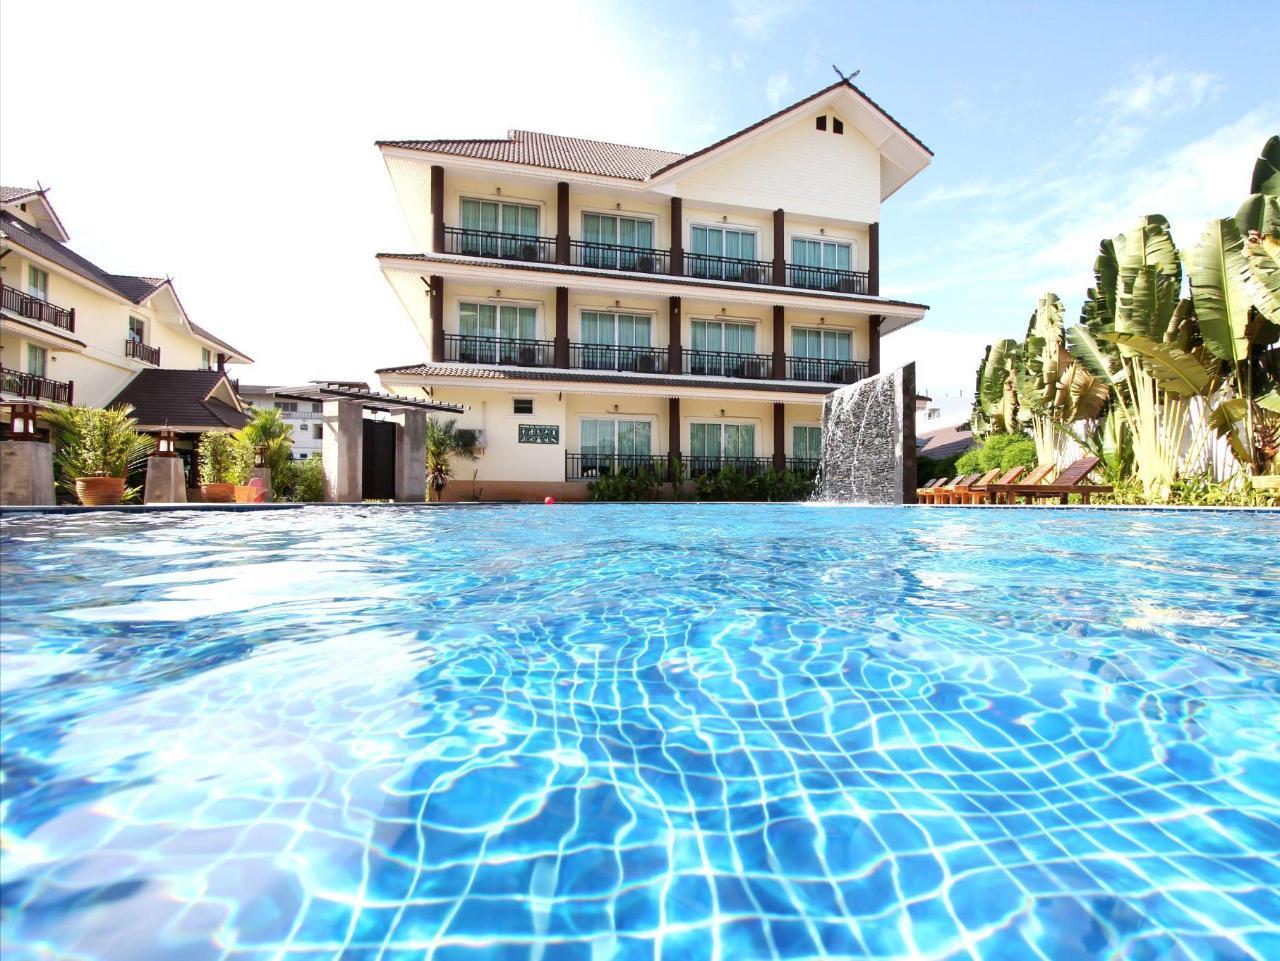 ไดมอนด์ ปาร์ค อินน์ เชียงราย รีสอร์ท (Diamond Park Inn Chiang Rai Resort)